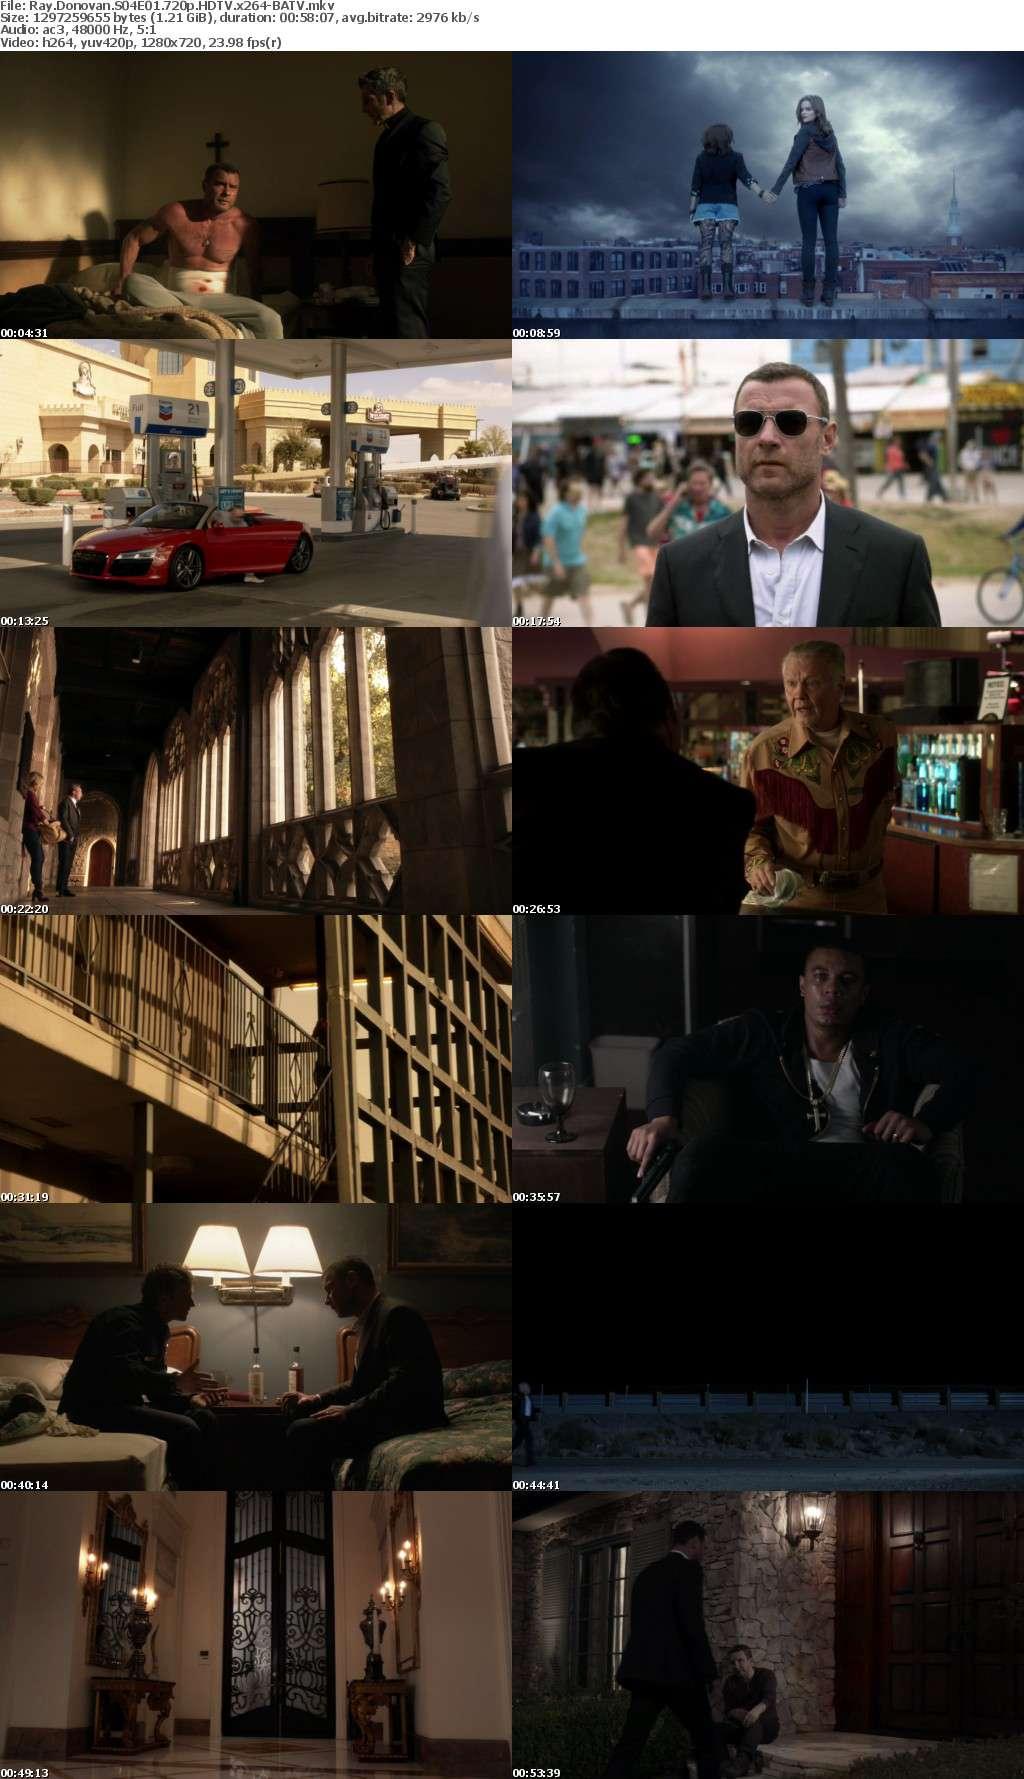 Ray Donovan S04 720p HDTV DD5 1 x264-MiXED